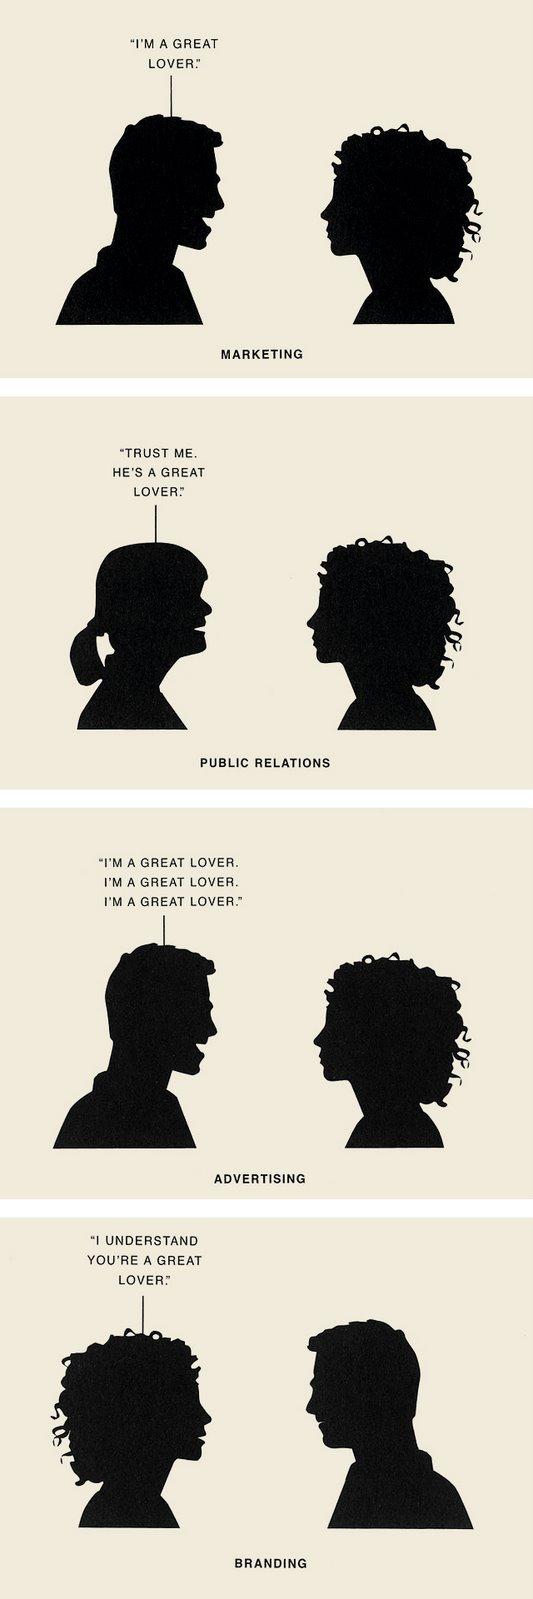 ความแตกต่างระหว่าง PR, Advertising และ Branding